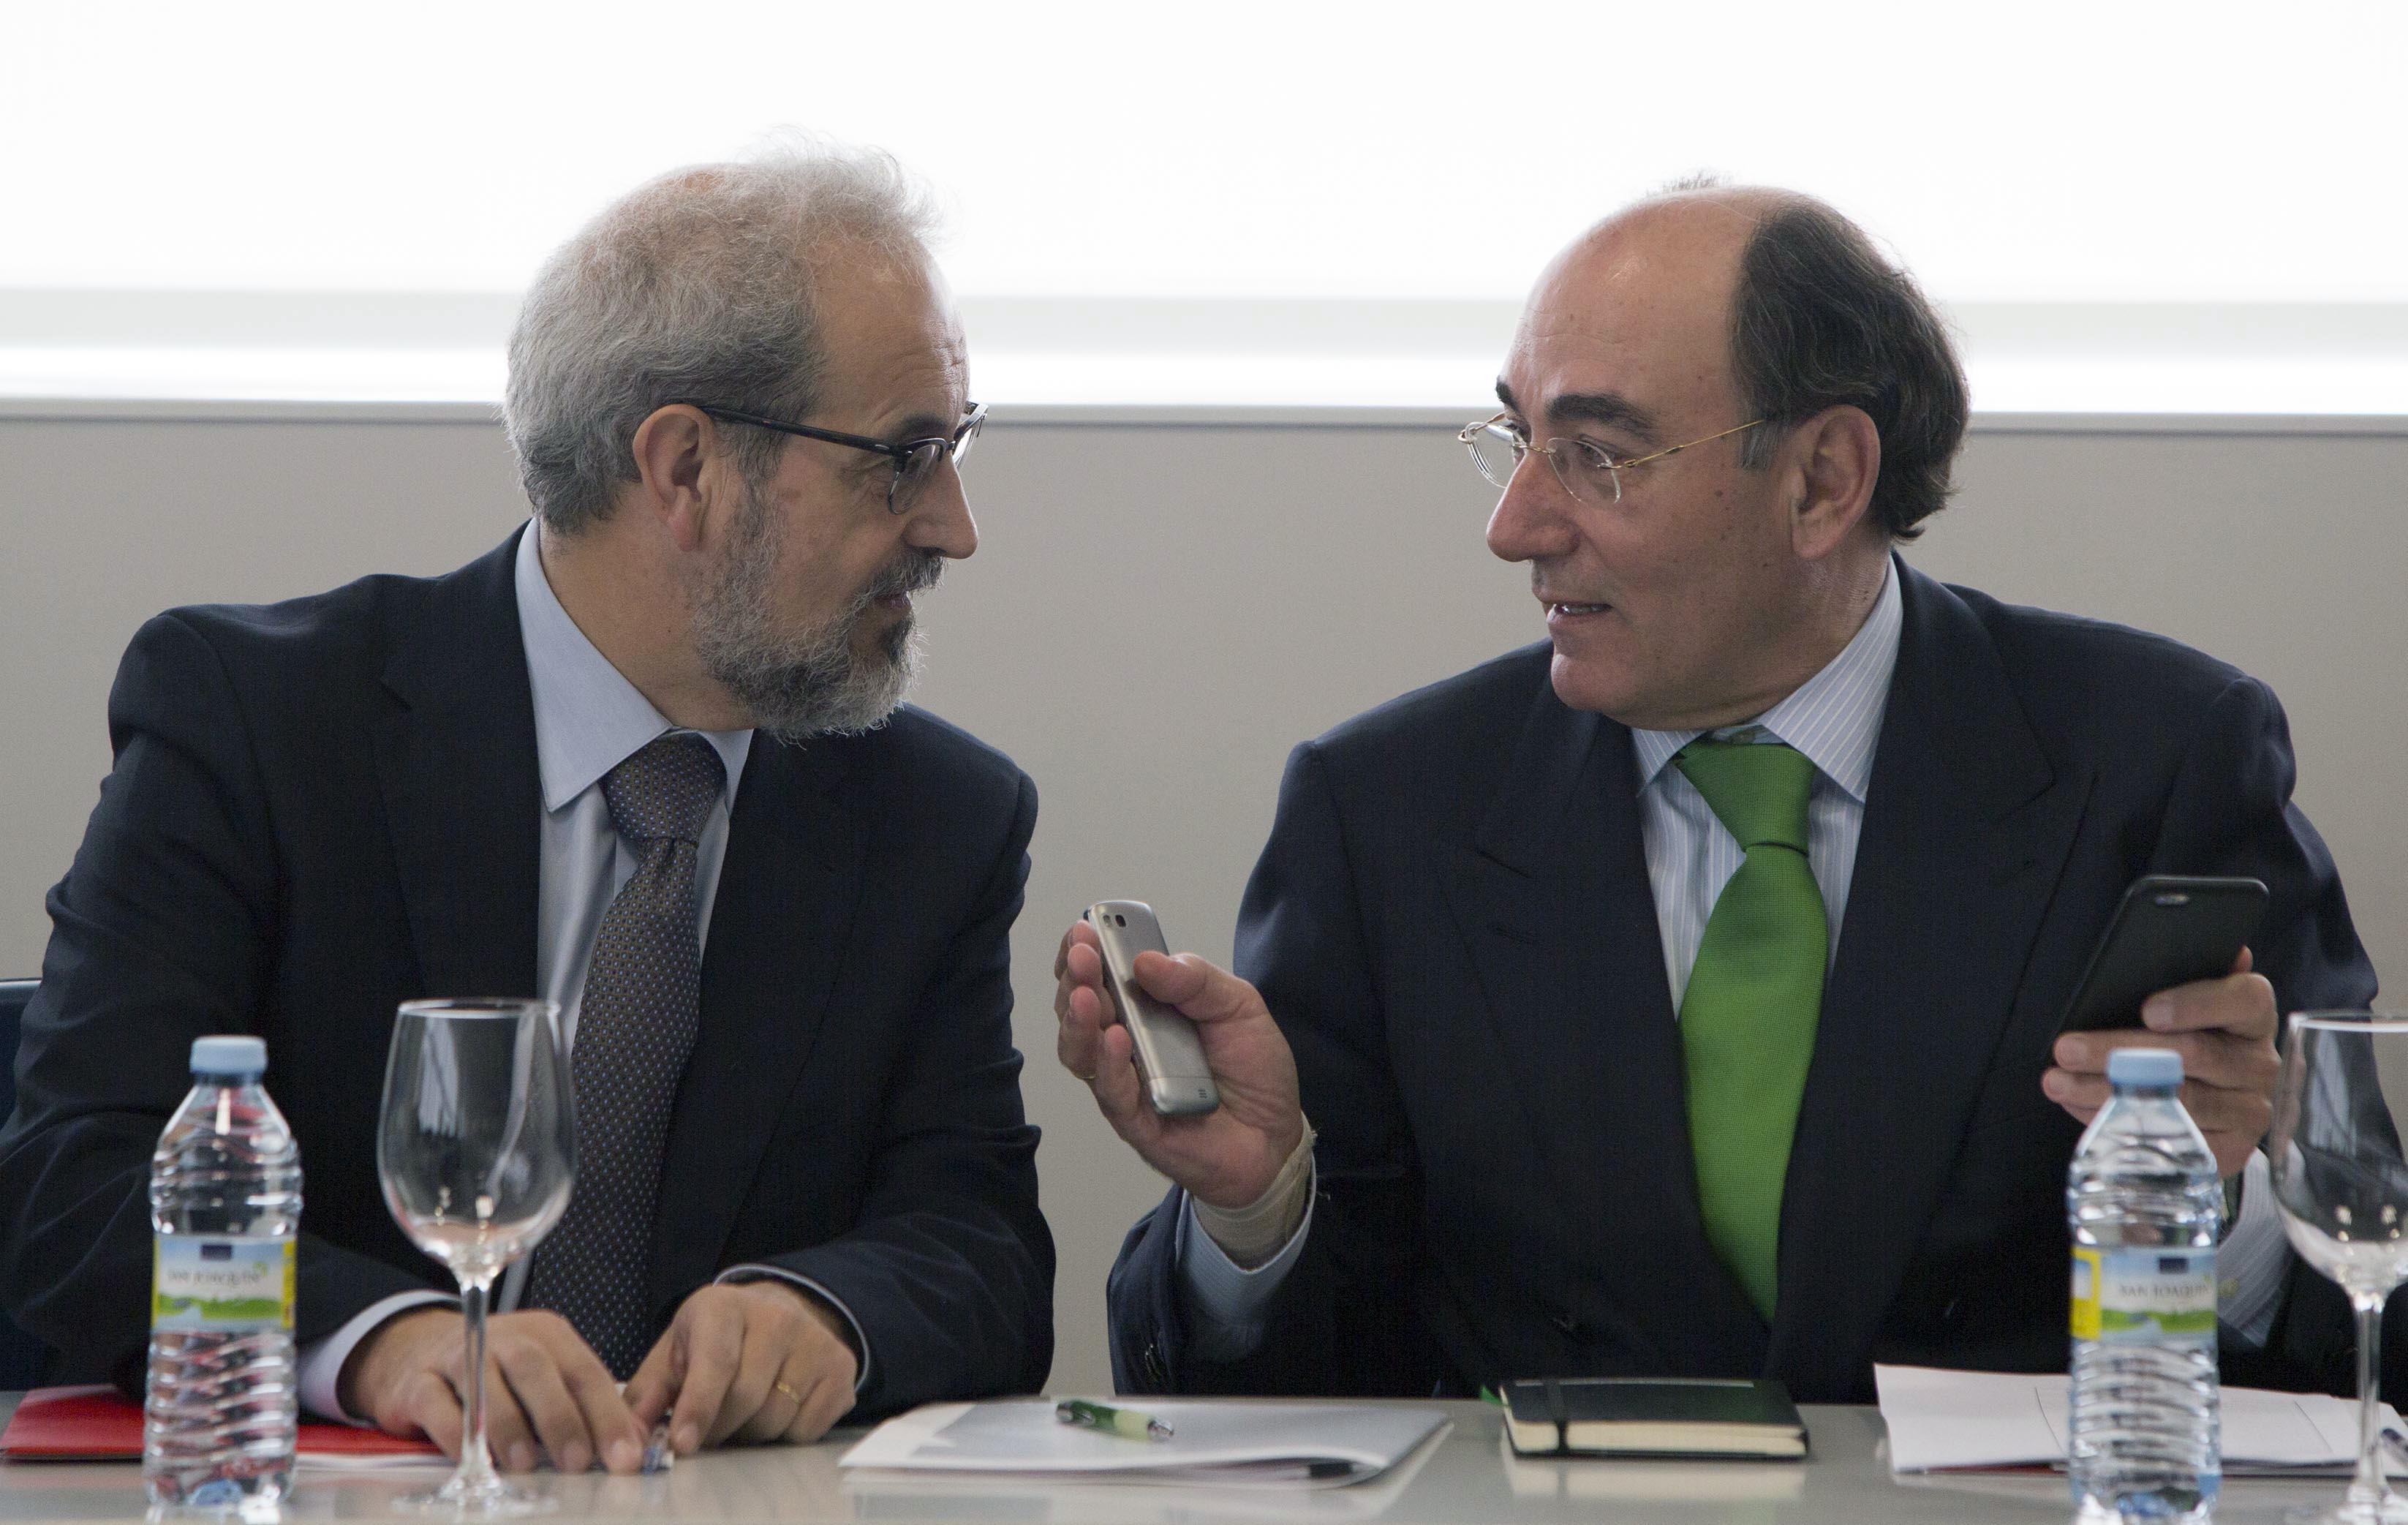 El pleno del Consejo Social se reúne en el Parque Científico de la Universidad de Salamanca